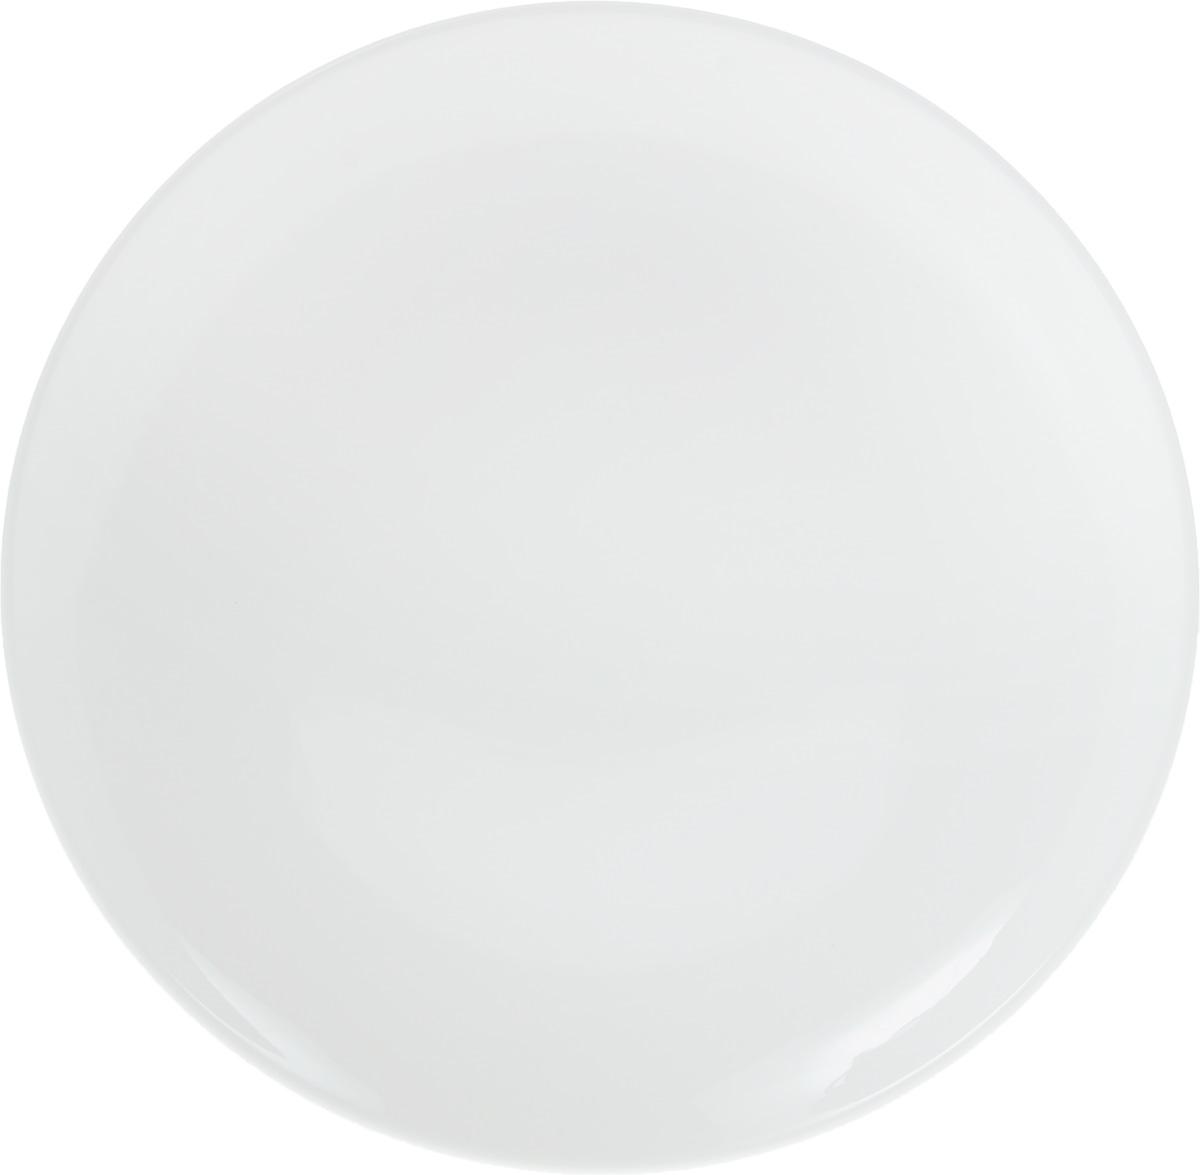 Блюдо Wilmax, диаметр 30,5 см. WL-991024 / A94672Оригинальное блюдо Wilmax, изготовленное из высококачественного фарфора, прекрасно подойдет для подачи нарезок, закусок и других блюд. Оно украсит ваш кухонный стол, а также станет замечательным подарком к любому празднику.